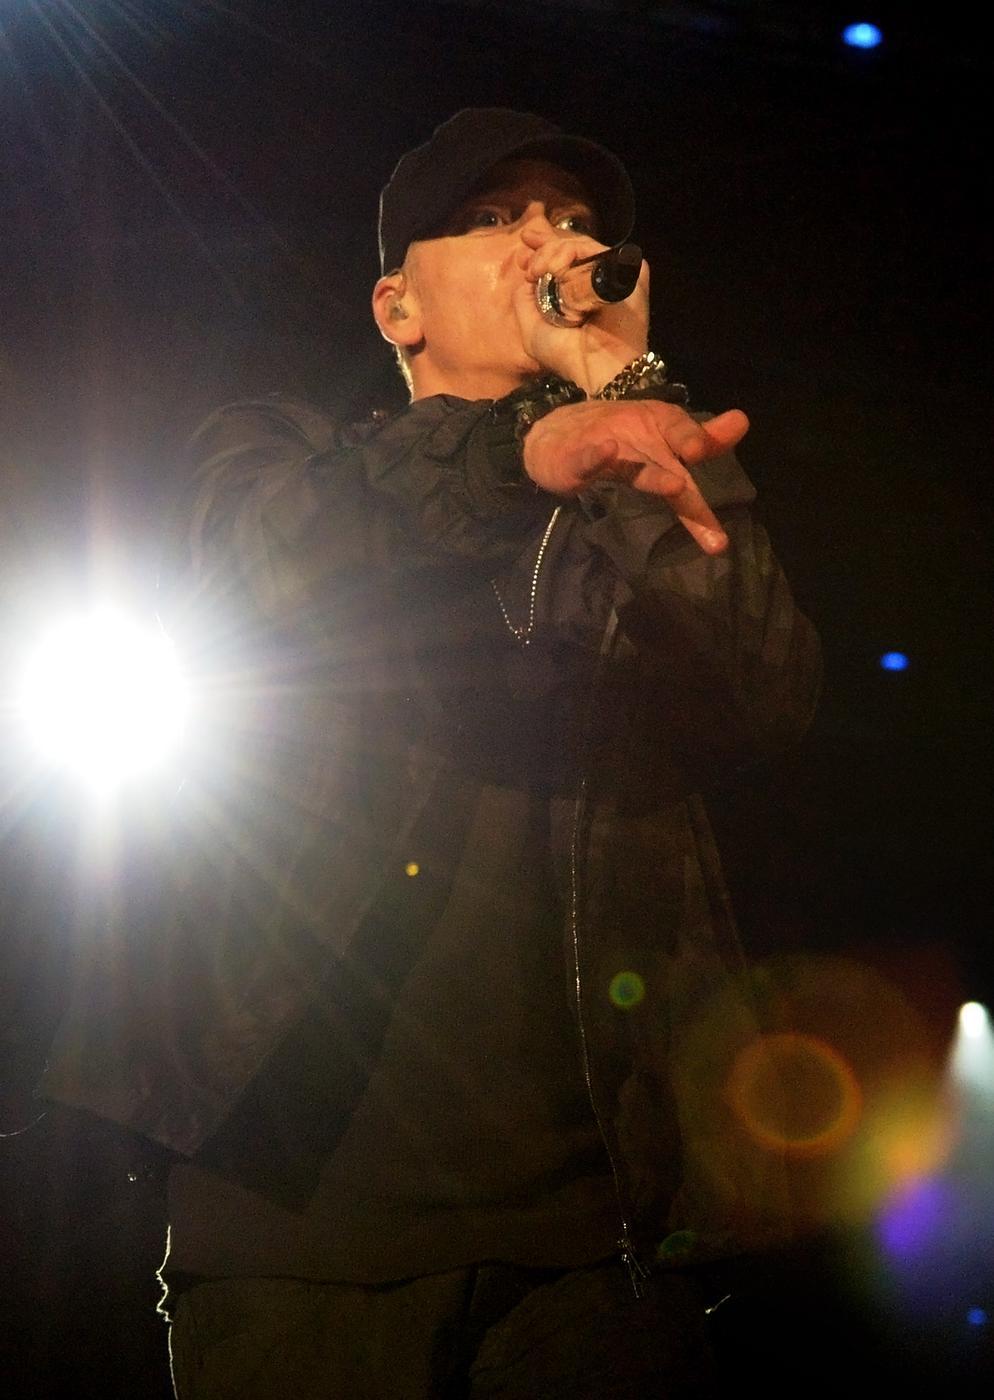 Eminem's latest track Vegas contains lyrics suggesting he wants to rape Iggy Azalea